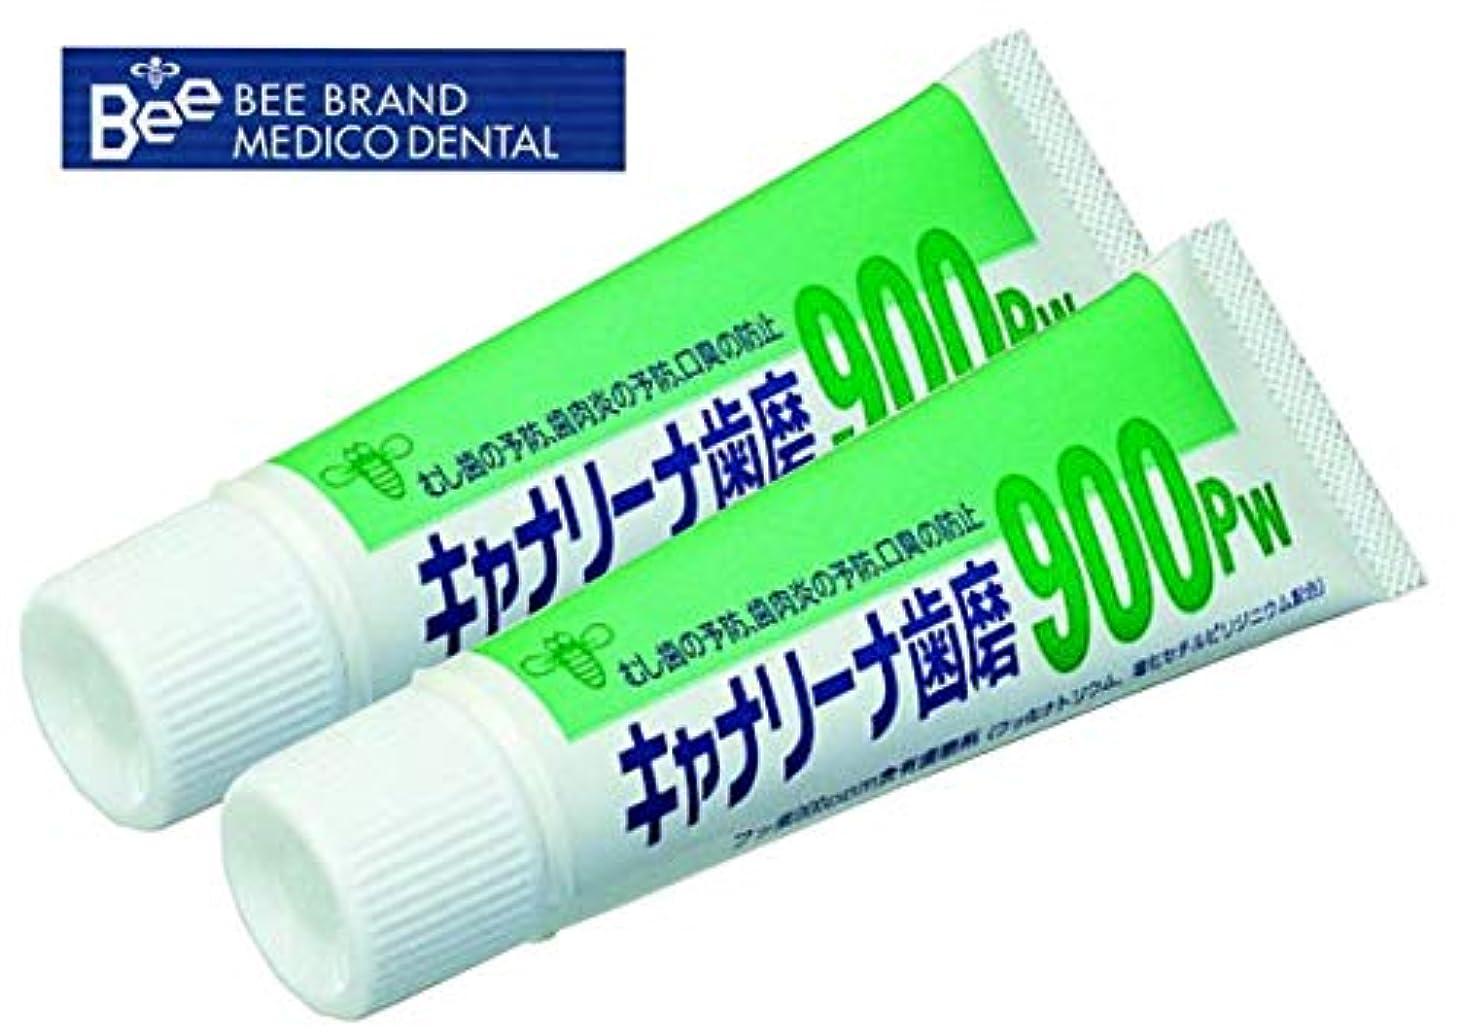 写真撮影知事迫害するビーブランド(BeeBrand) キャナリーナ 歯磨 900Pw × 2本セット 医薬部外品